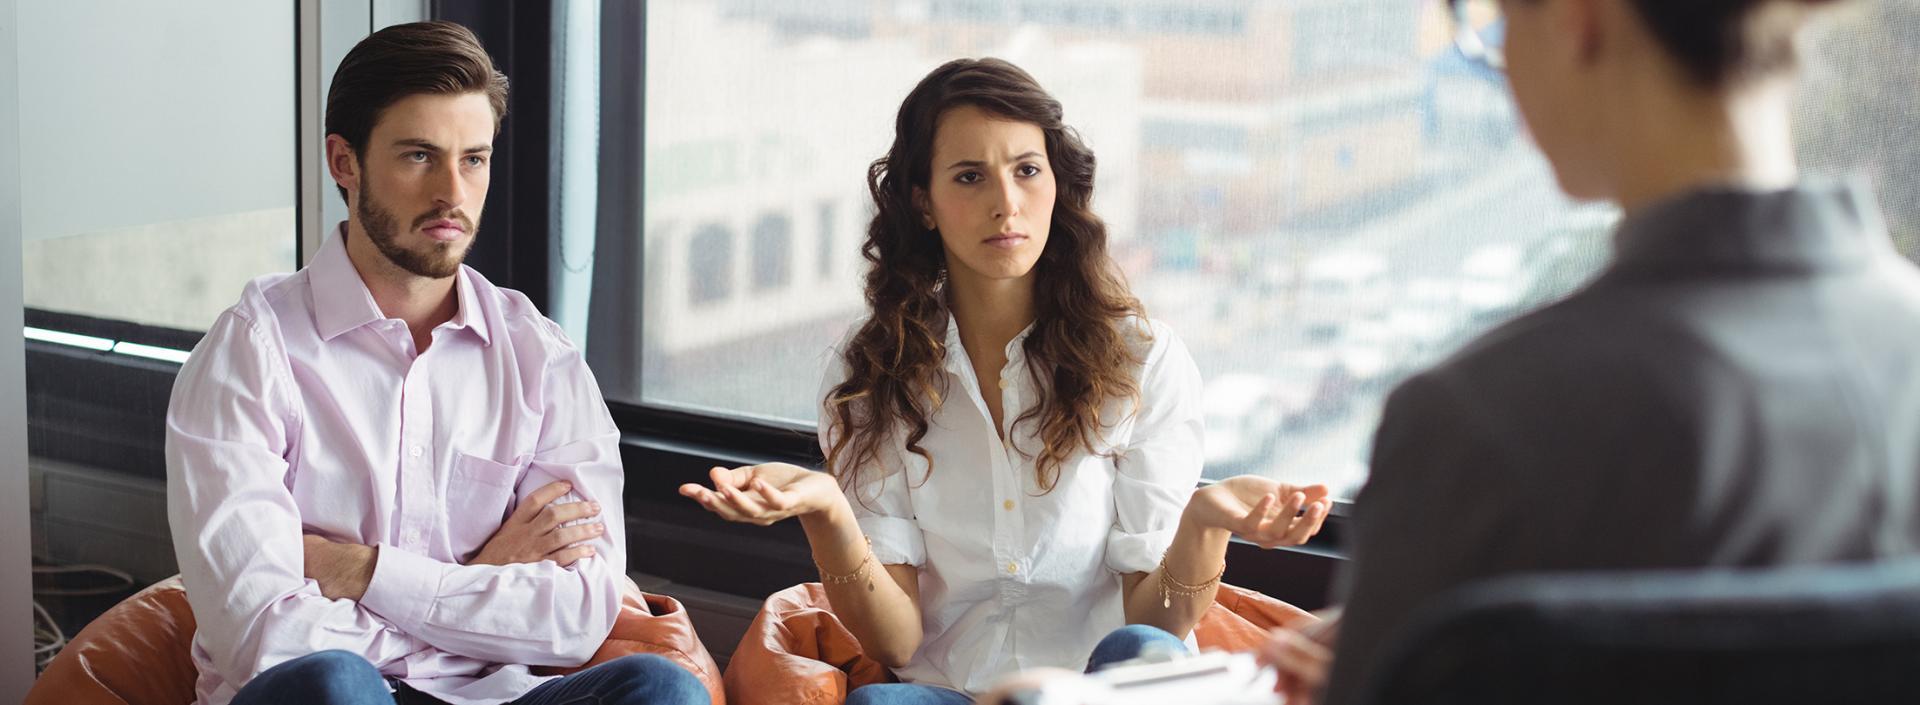 Especialização Avançada em Terapia Familiar e de Casal